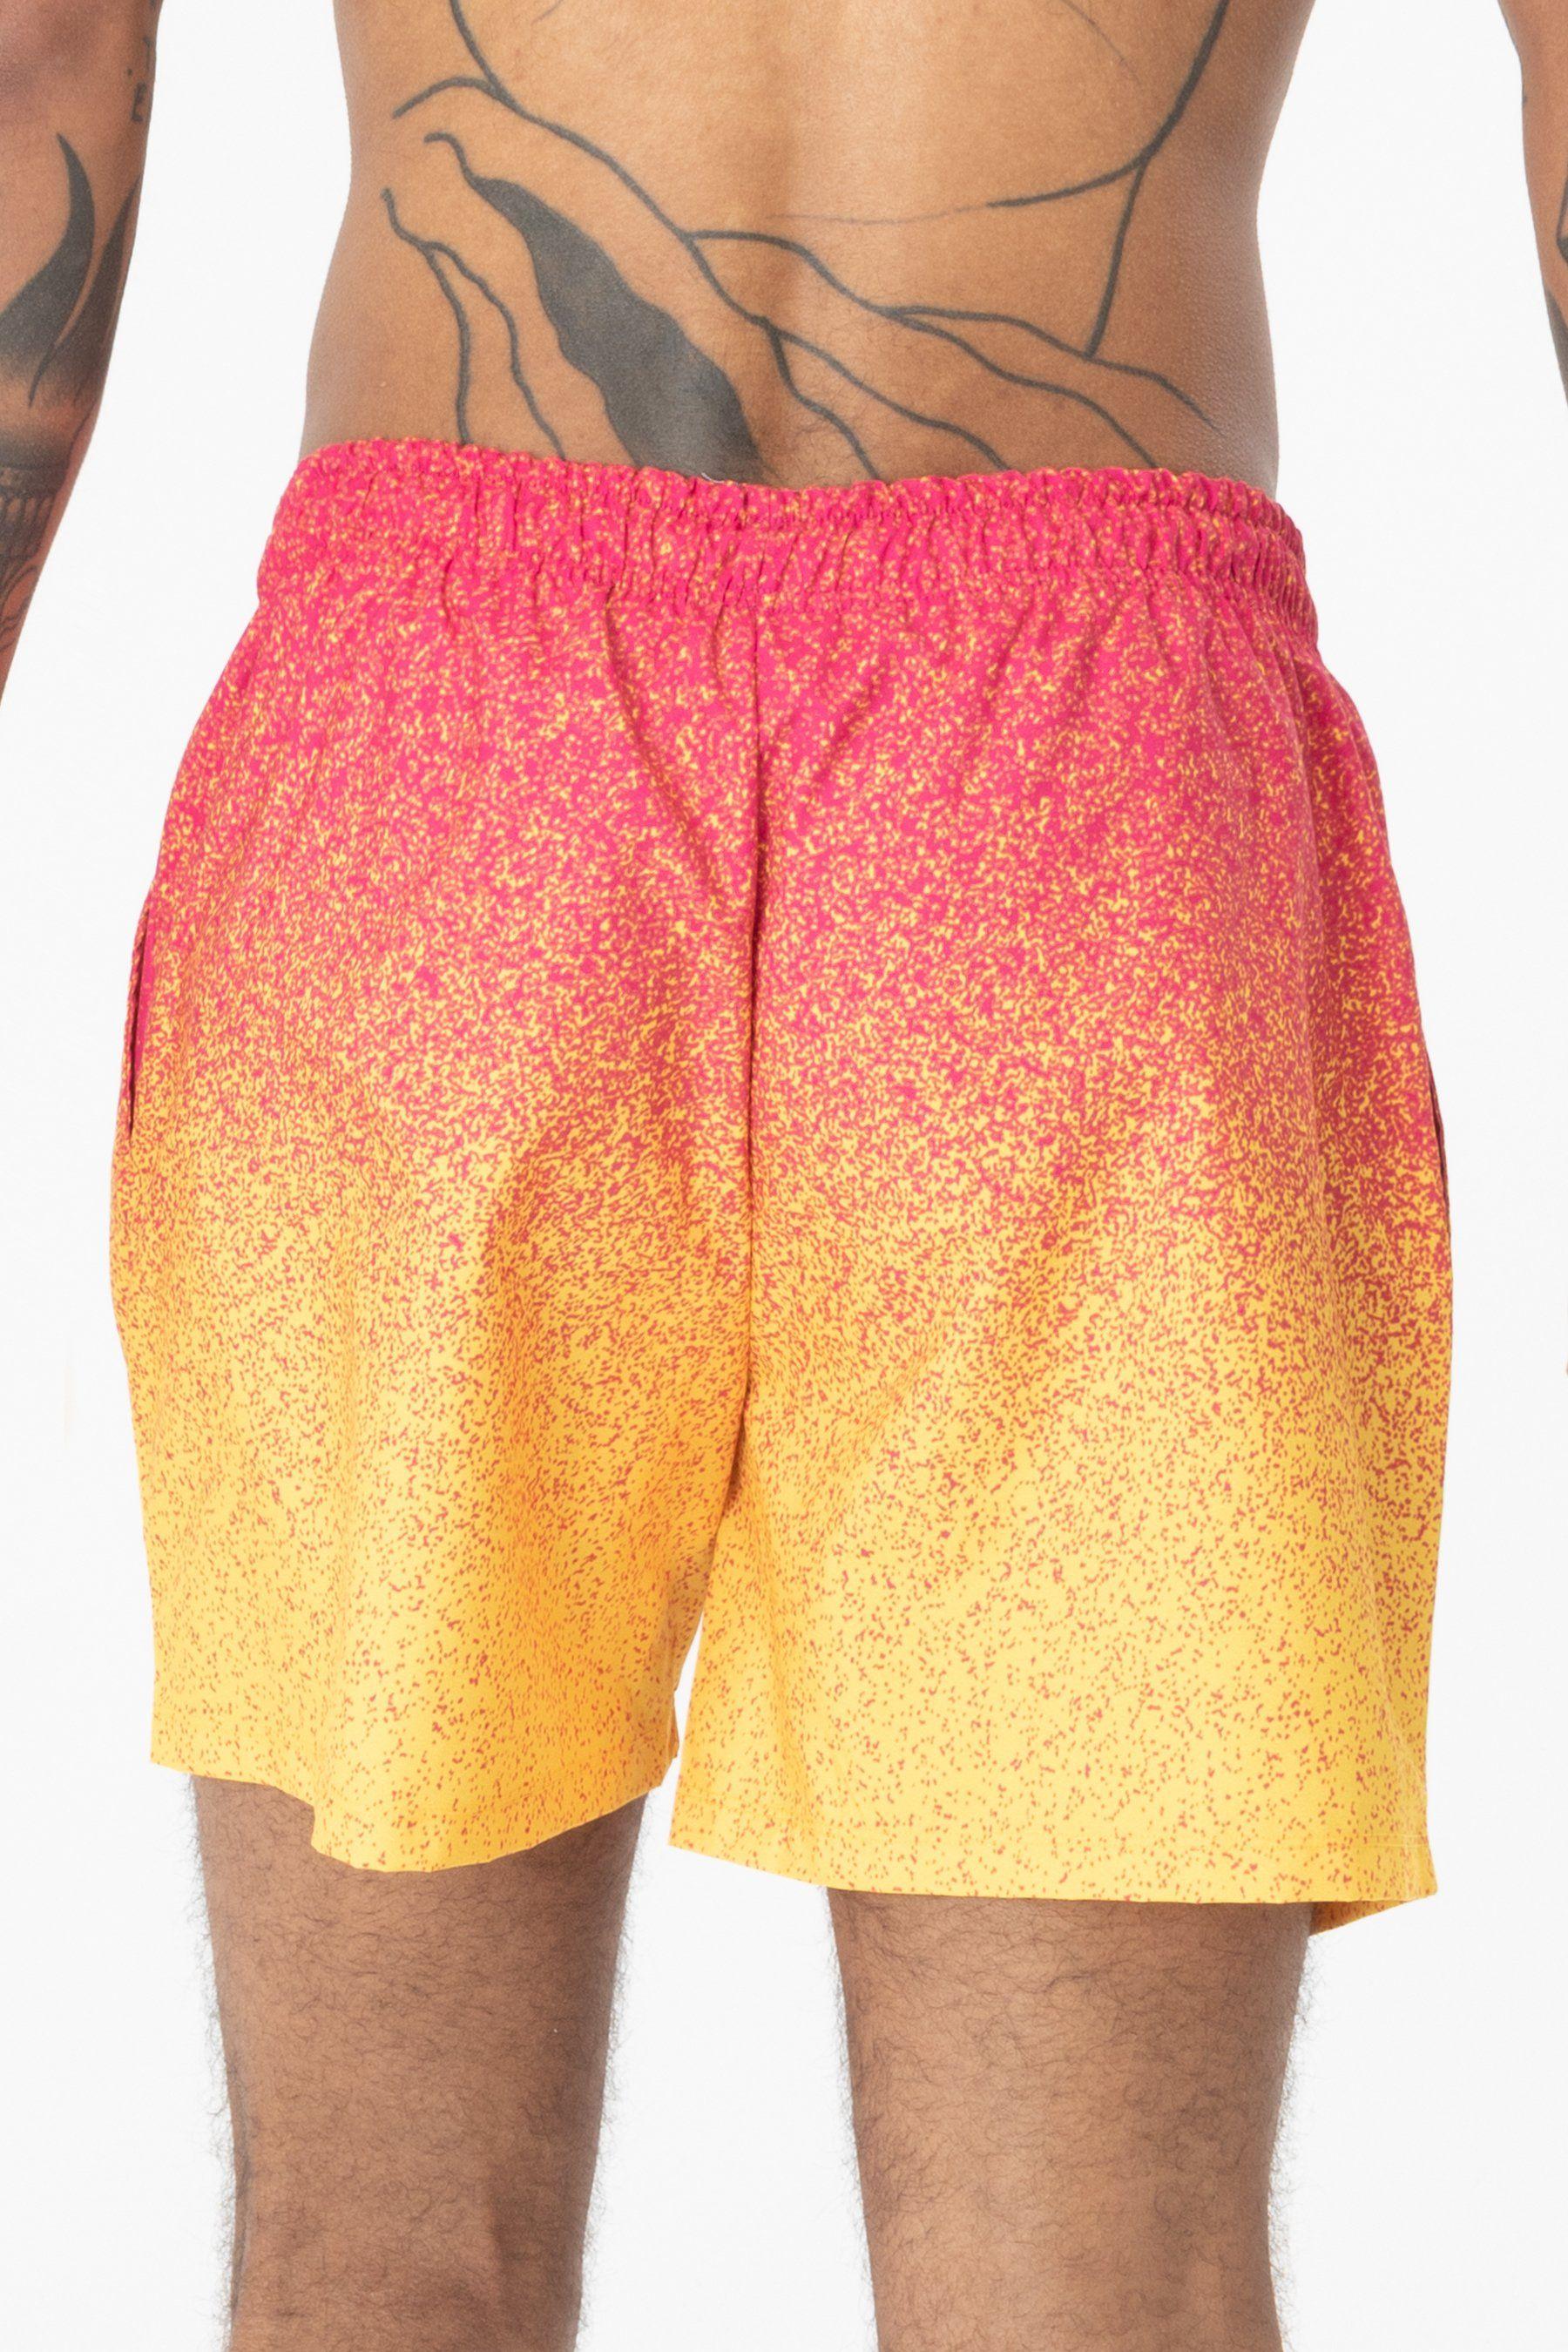 Hype Ibiza Speckle Fade Mens Swim Shorts